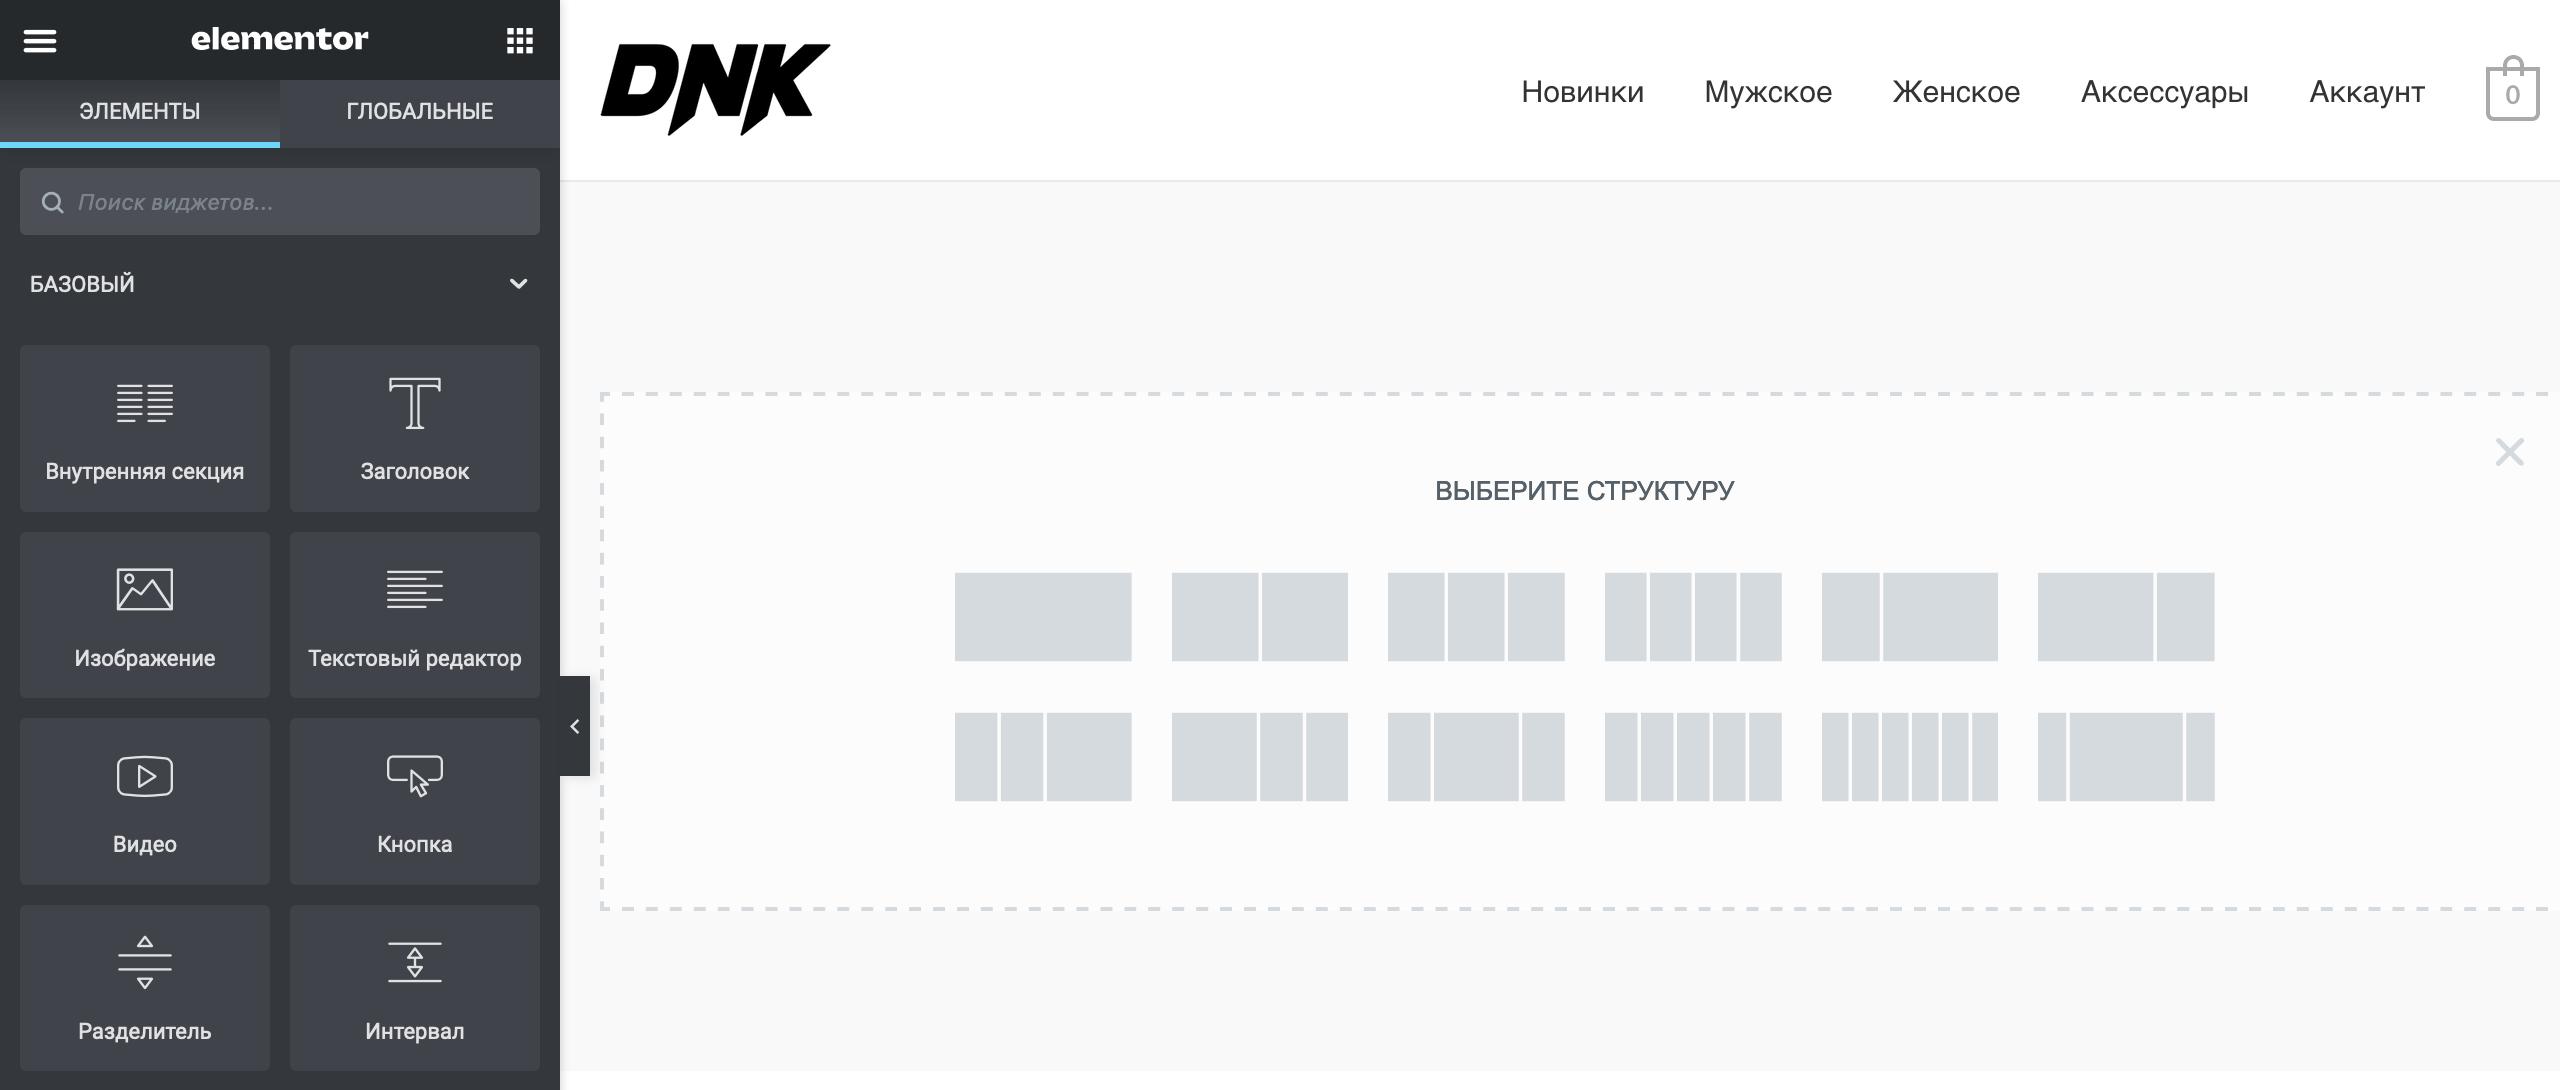 Интернет-магазин на Вордпресс: пустая страница в конструкторе Elementor